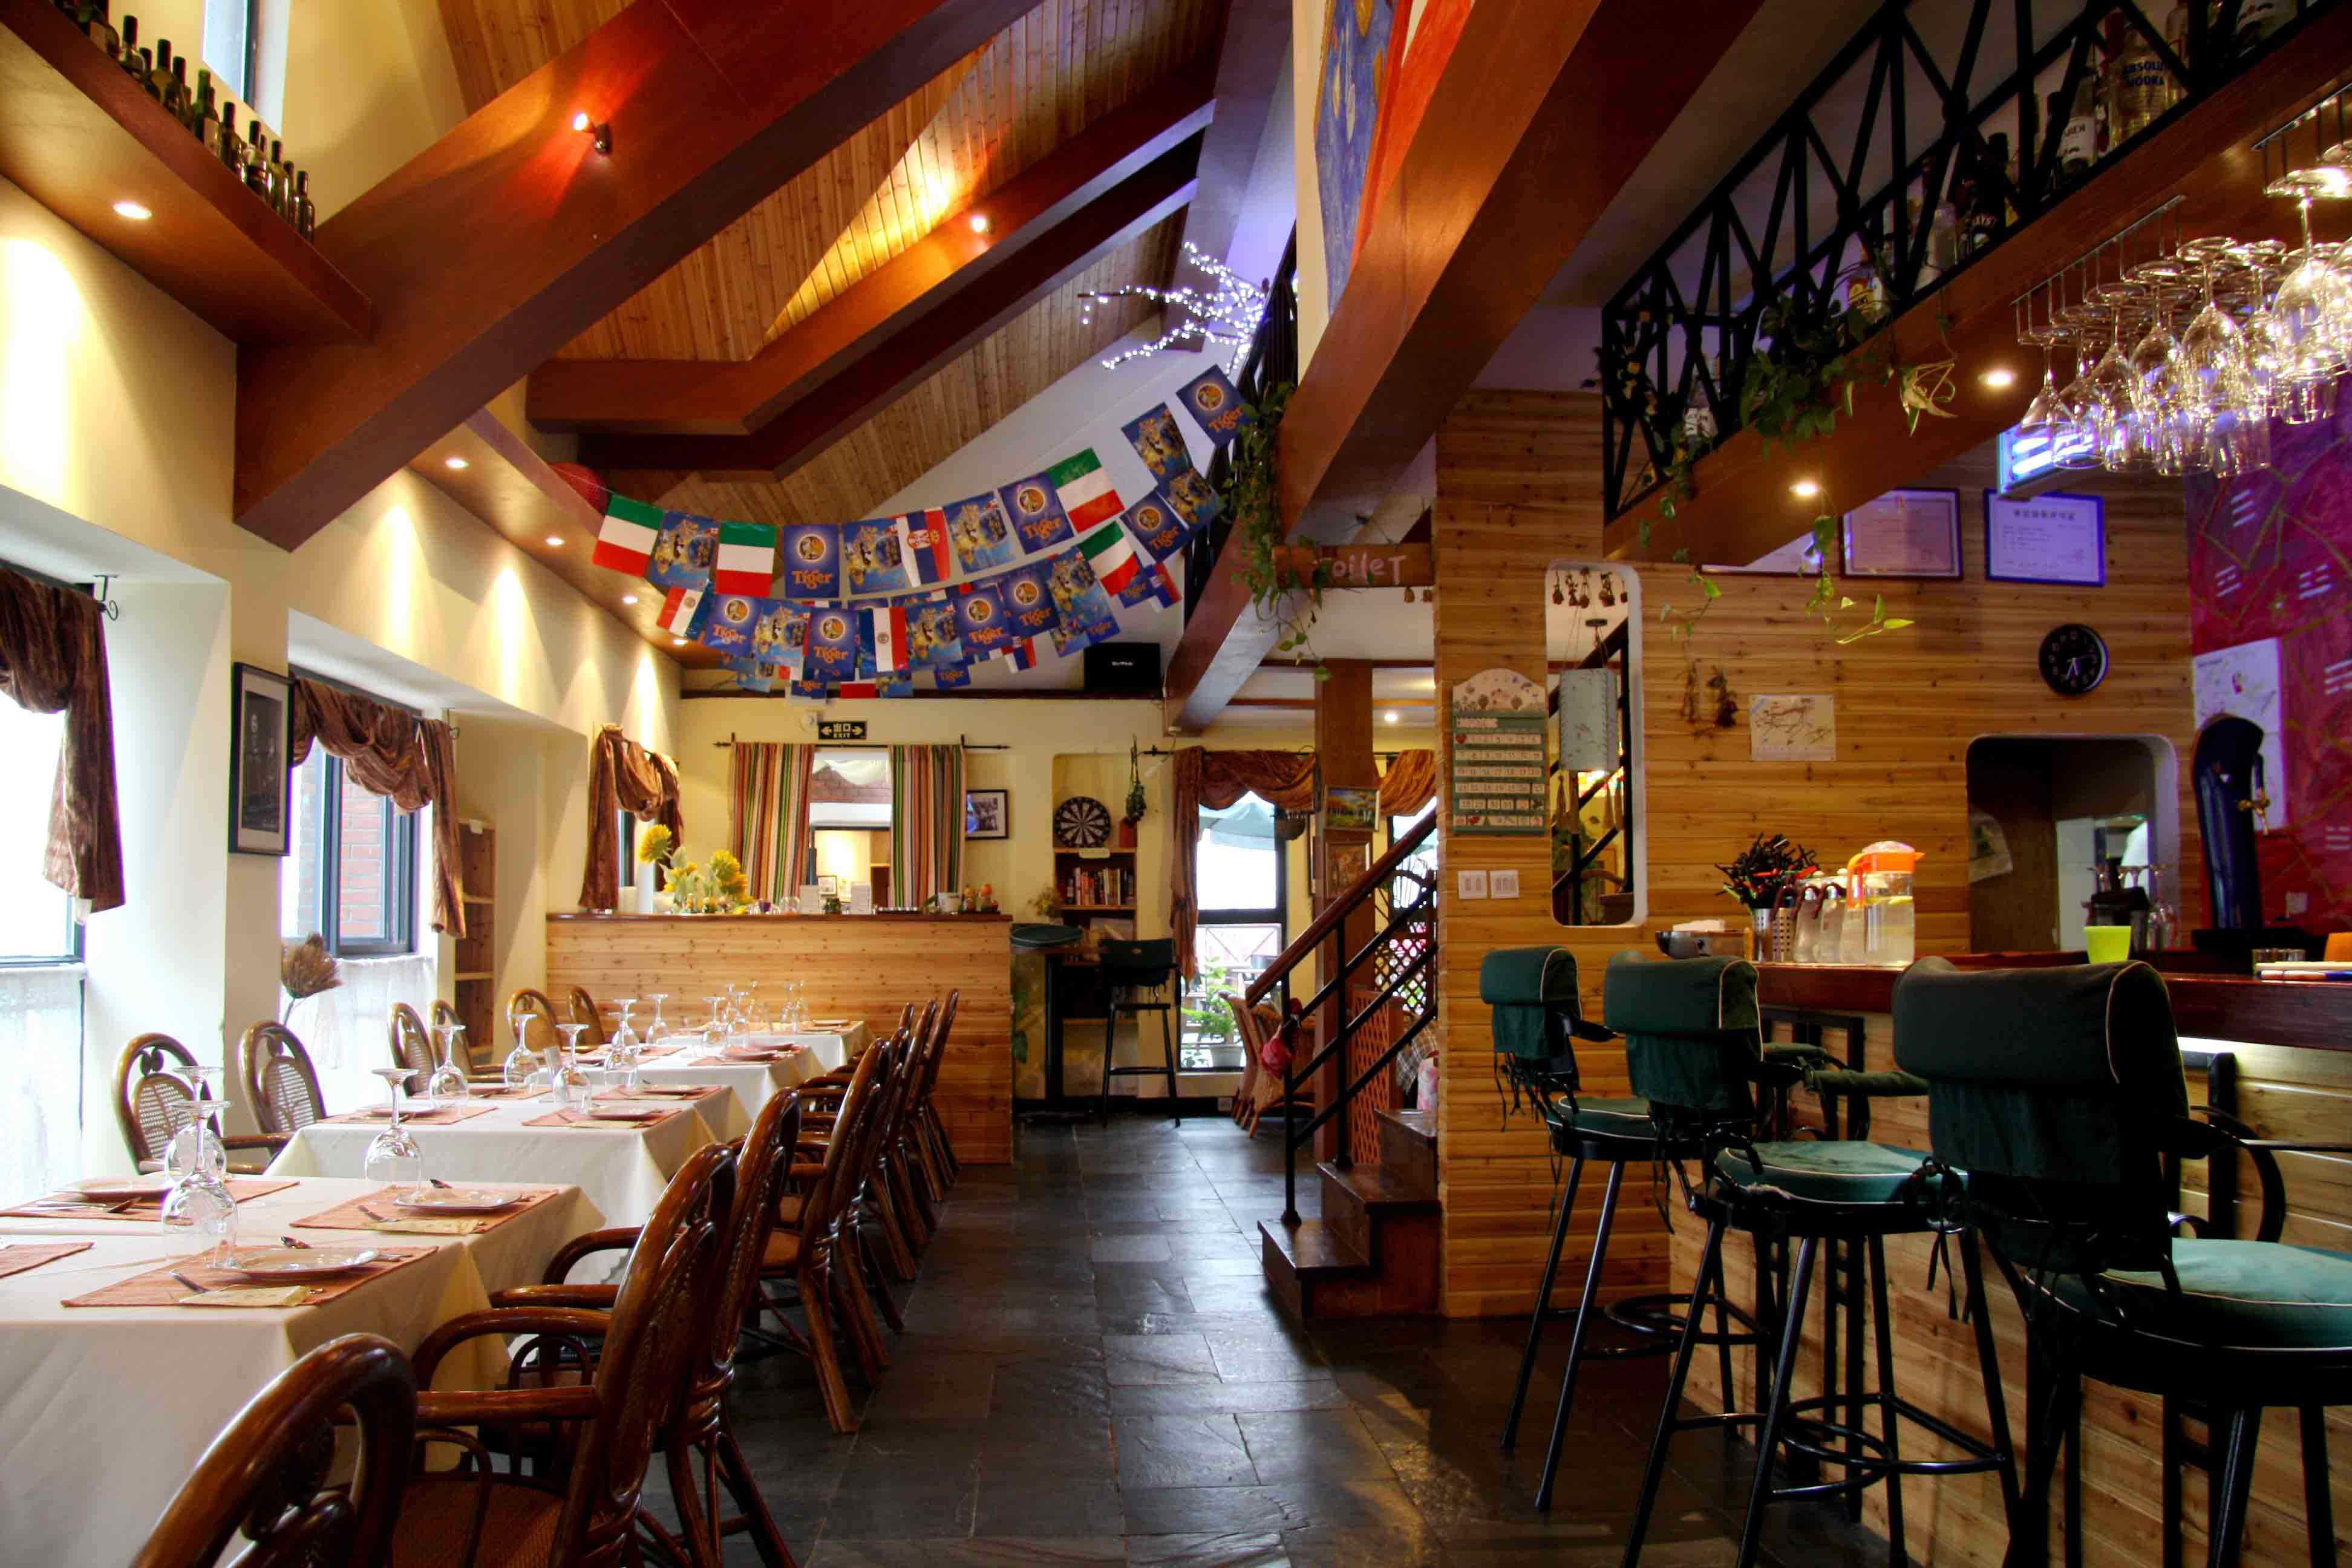 造型和楼梯间墙面极具英式乡村小屋特色的木条装饰无